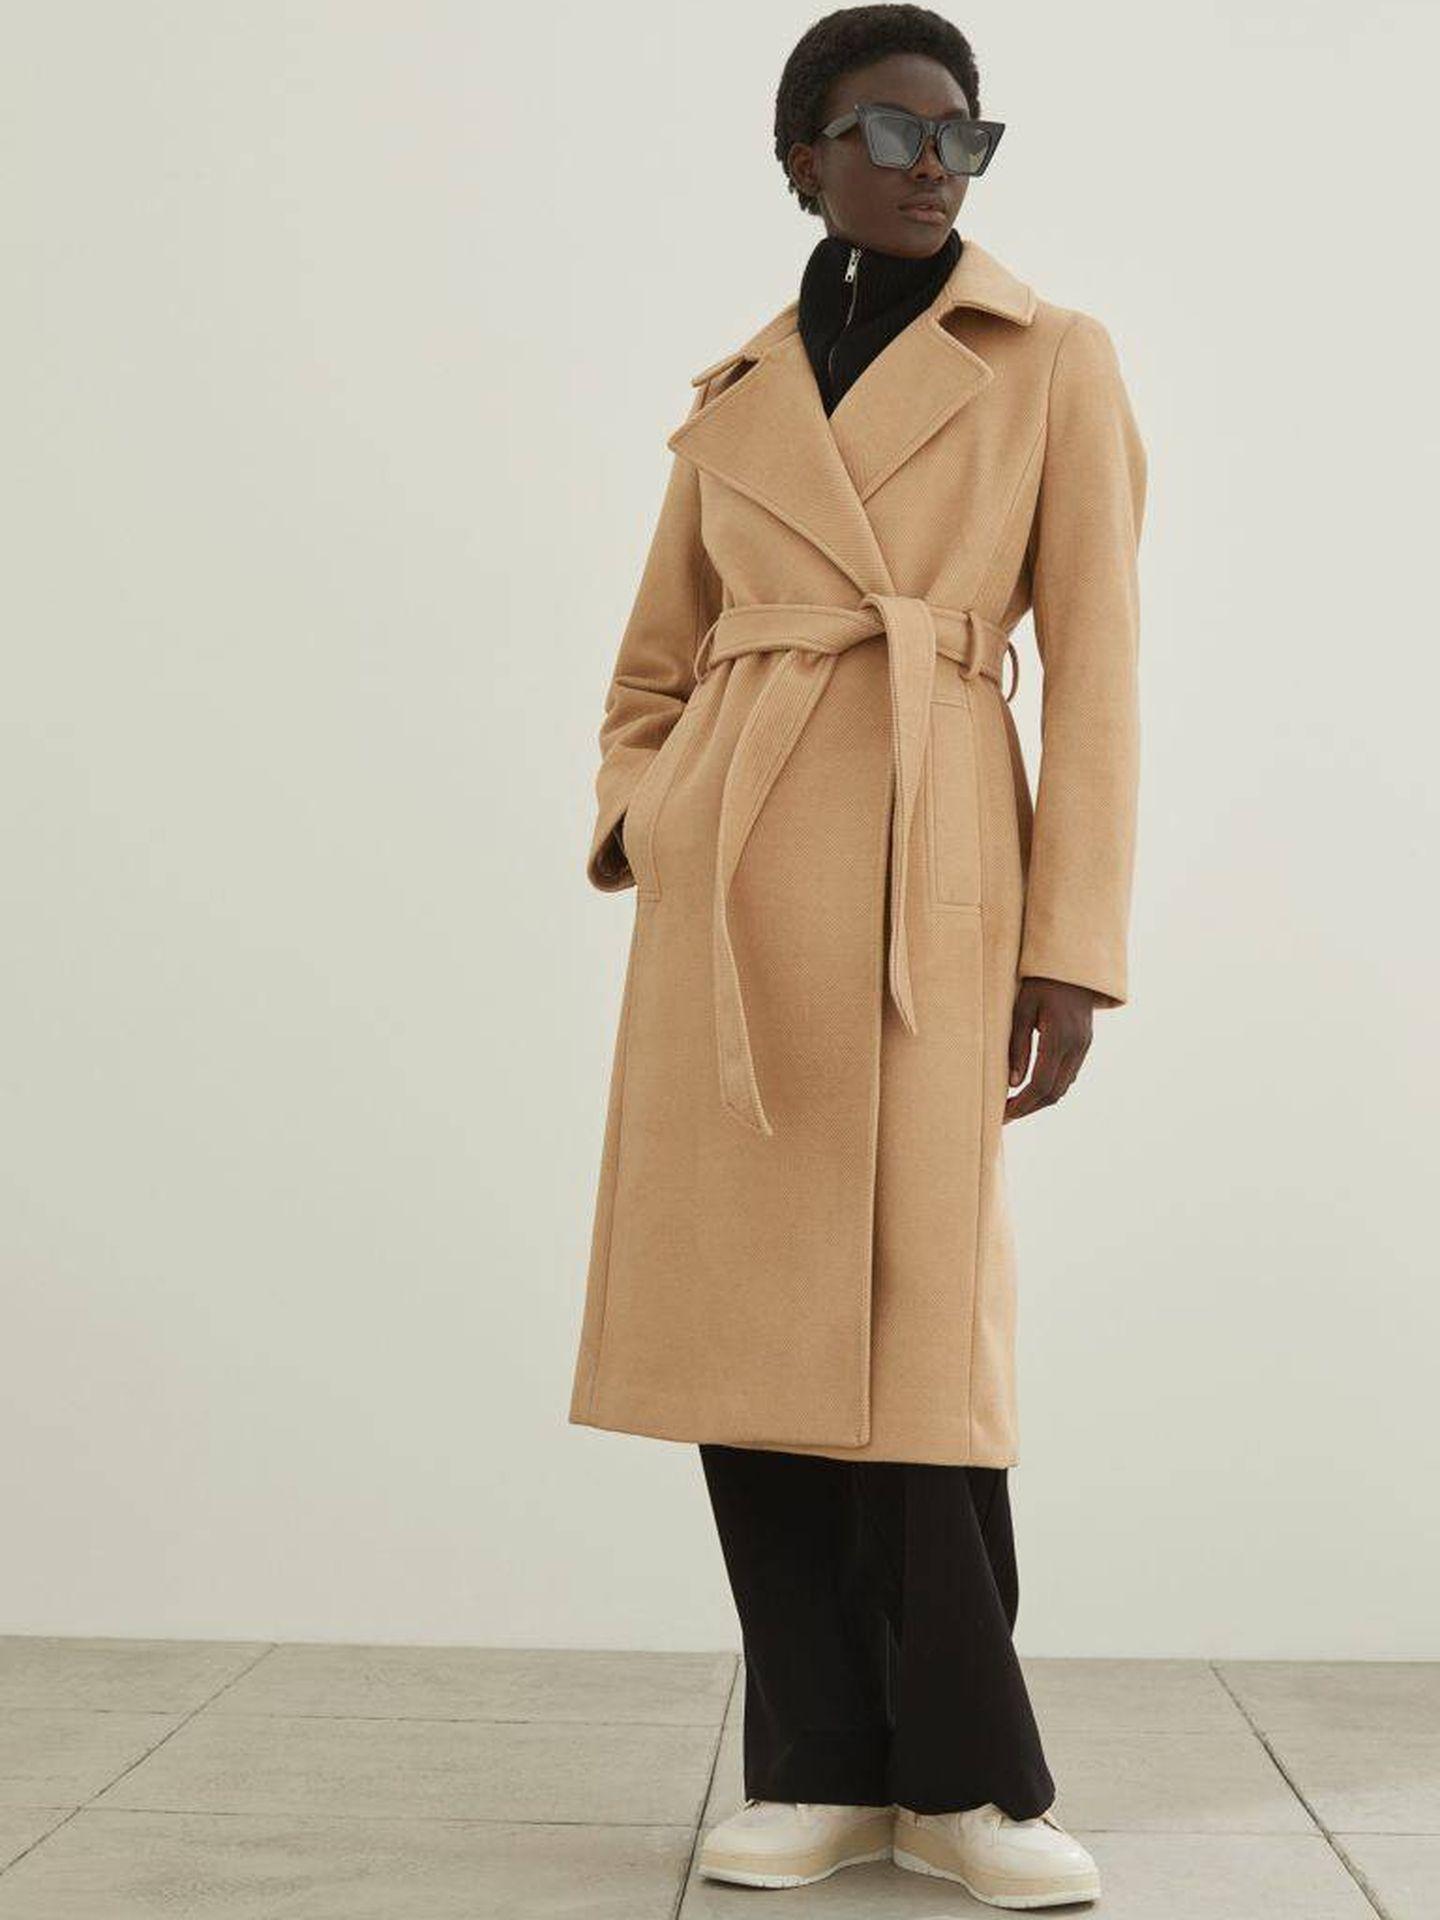 El abrigo camel de HyM. (Cortesía)